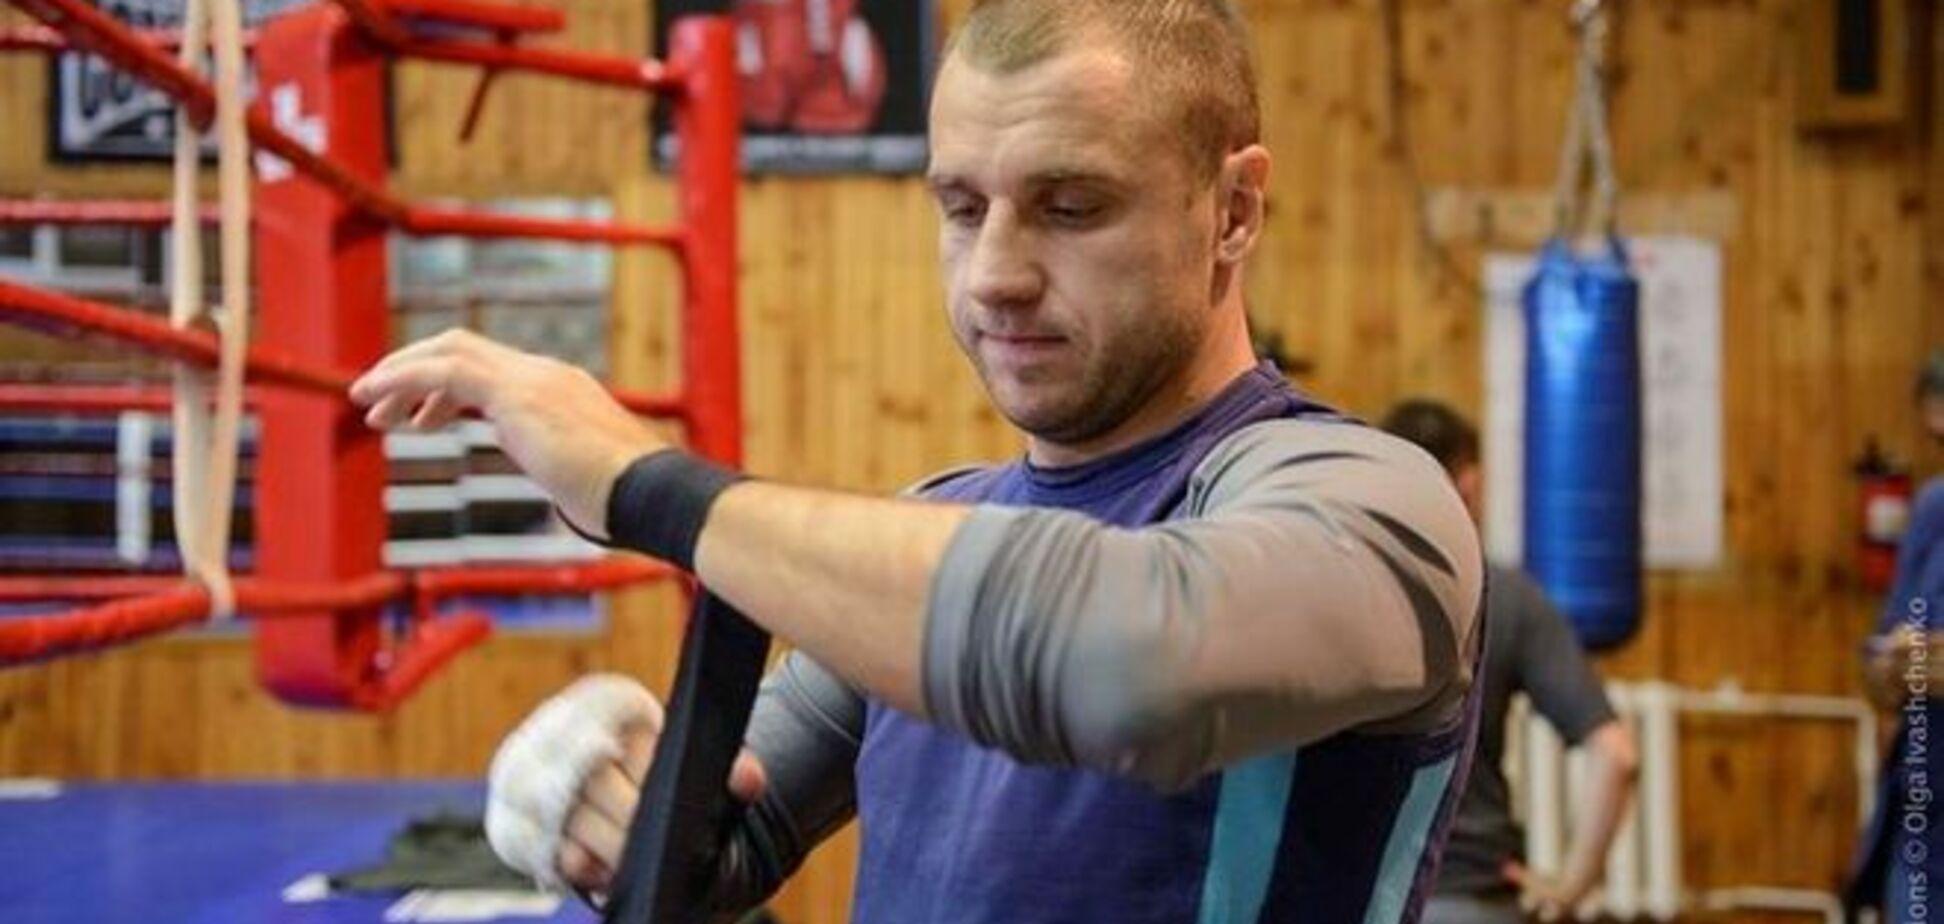 Тренер украинского боксера Бурсака: Макс вернется чемпионом